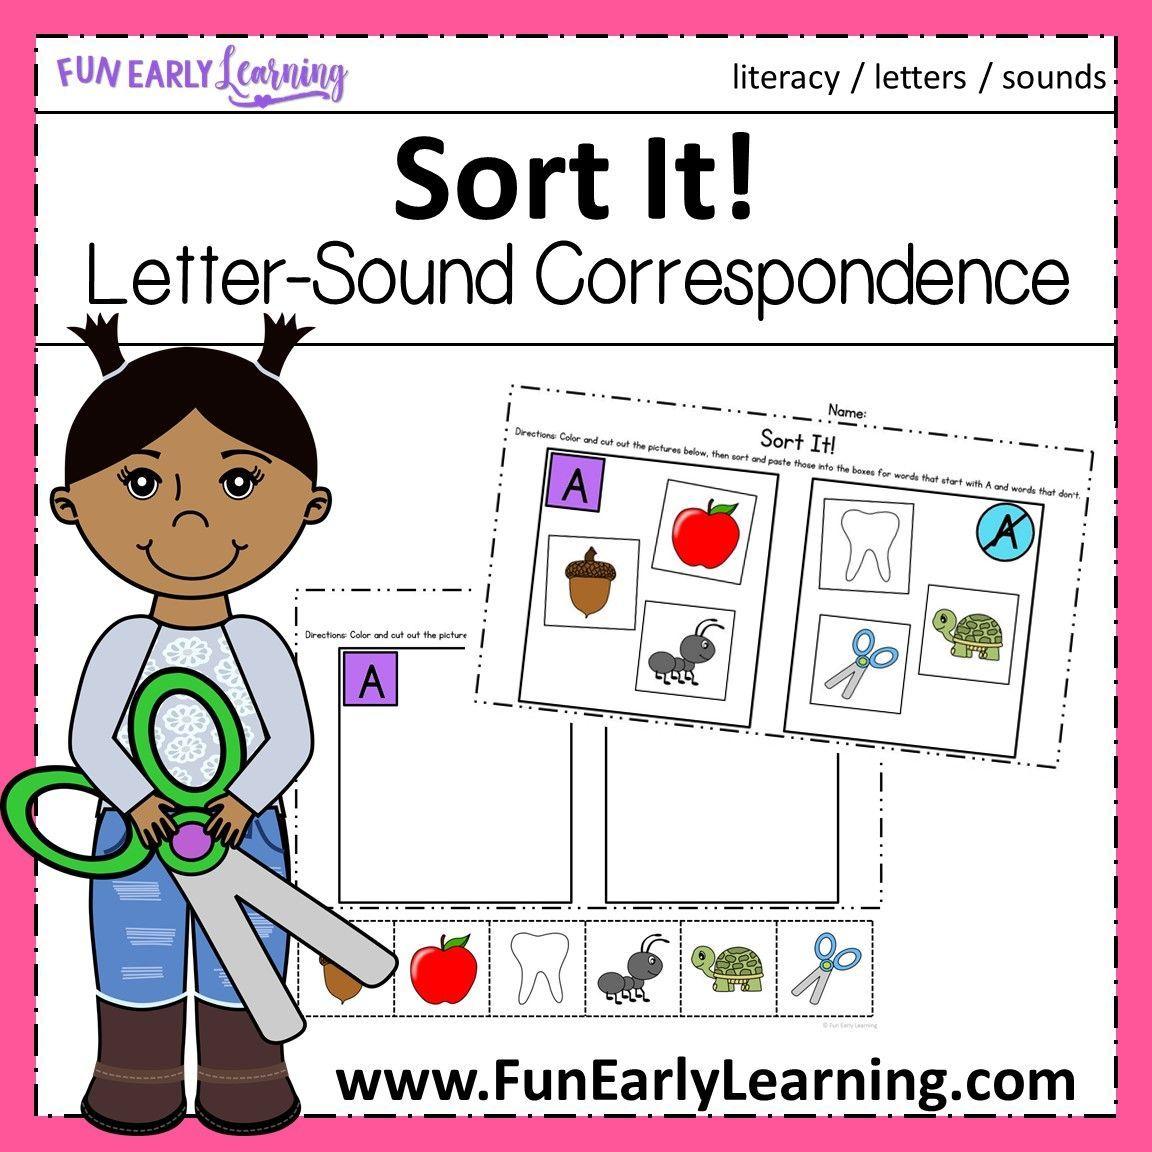 Sort It Letter Sound Correspondence No Prep Activity Letter Sounds Letter Sound Correspondence Literacy Activities Kindergarten